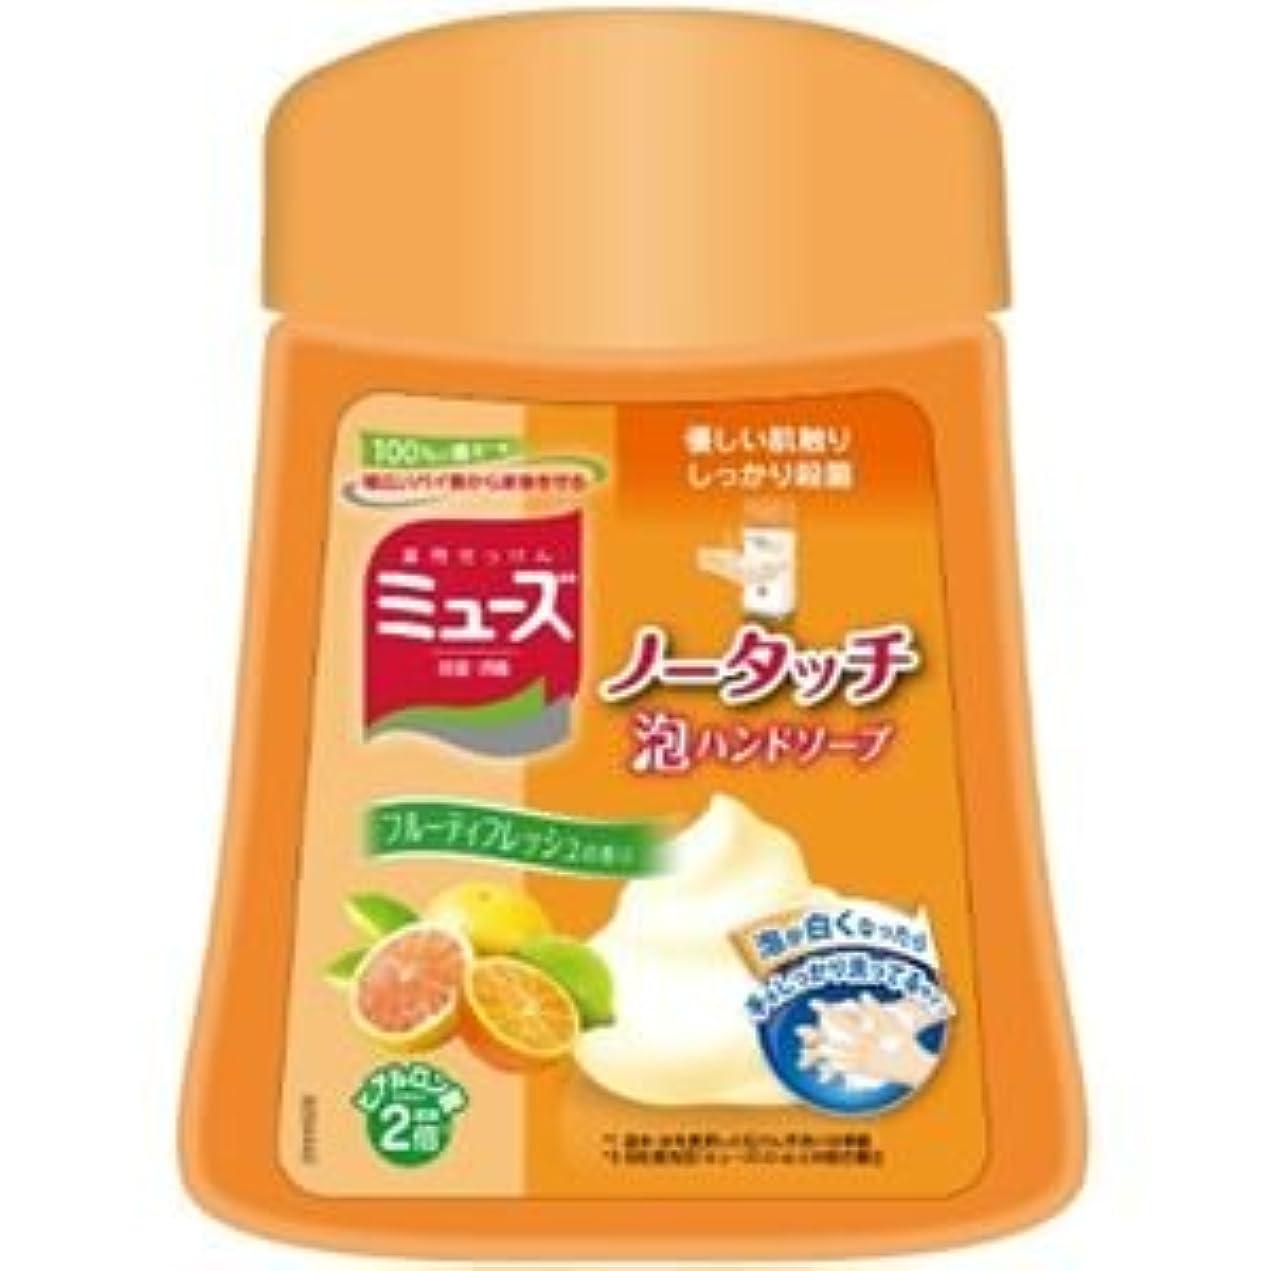 (まとめ)レキットベンキーザー ミューズ ノータッチ詰替フルーティフレッシュ 【×3点セット】